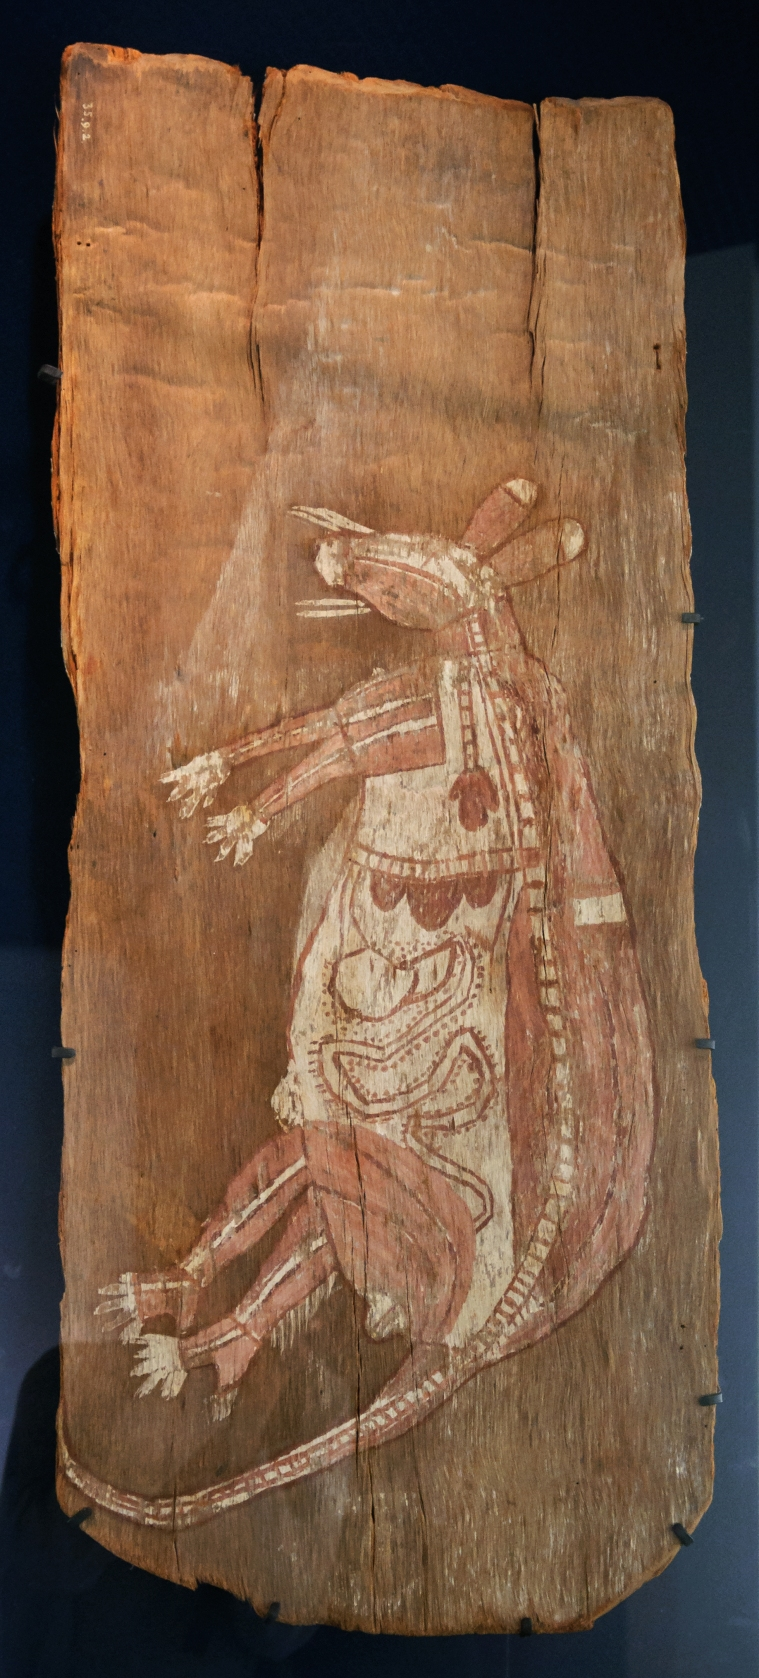 Ancêtre totémique kangourou - Kunwinjku - Musée du quai Branly, Paris